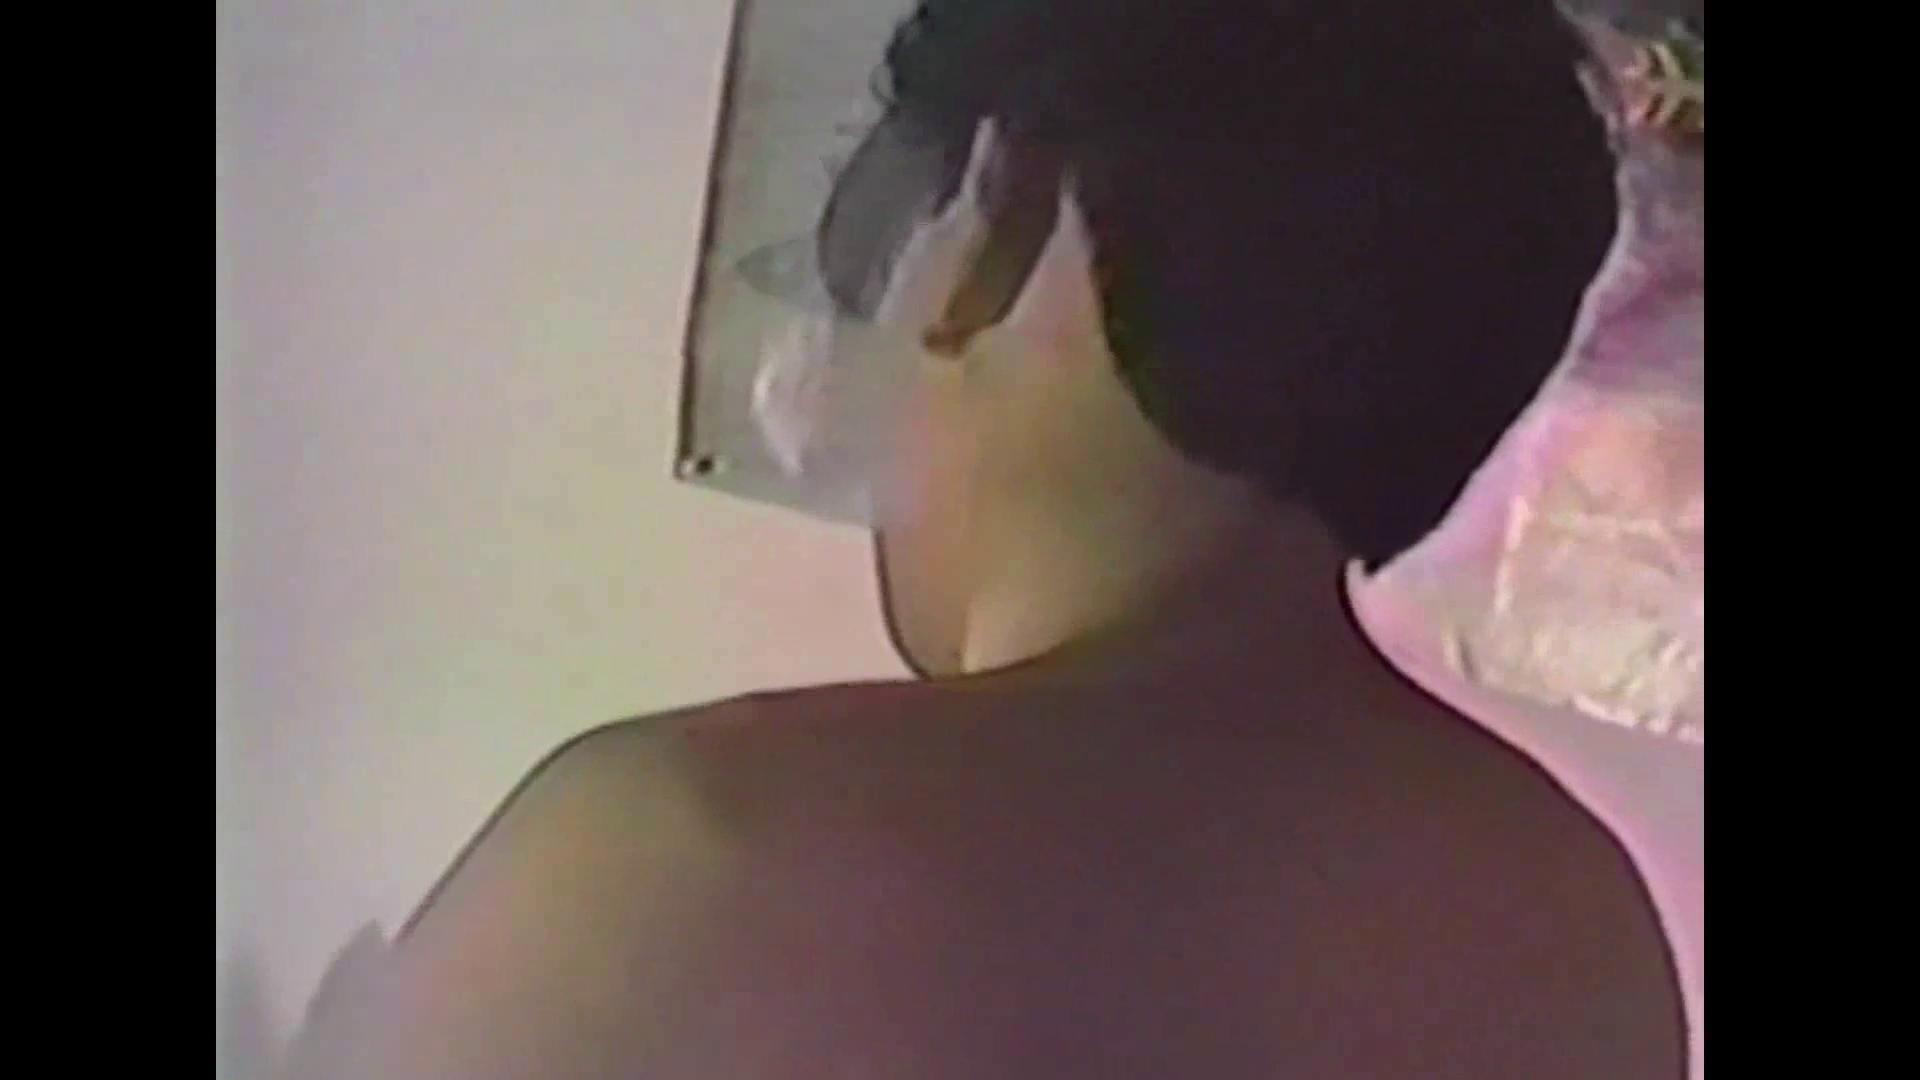 往年の名作 あの頃は若かった!第3弾 Vol.04 オナニー ゲイ無修正動画画像 97pic 11